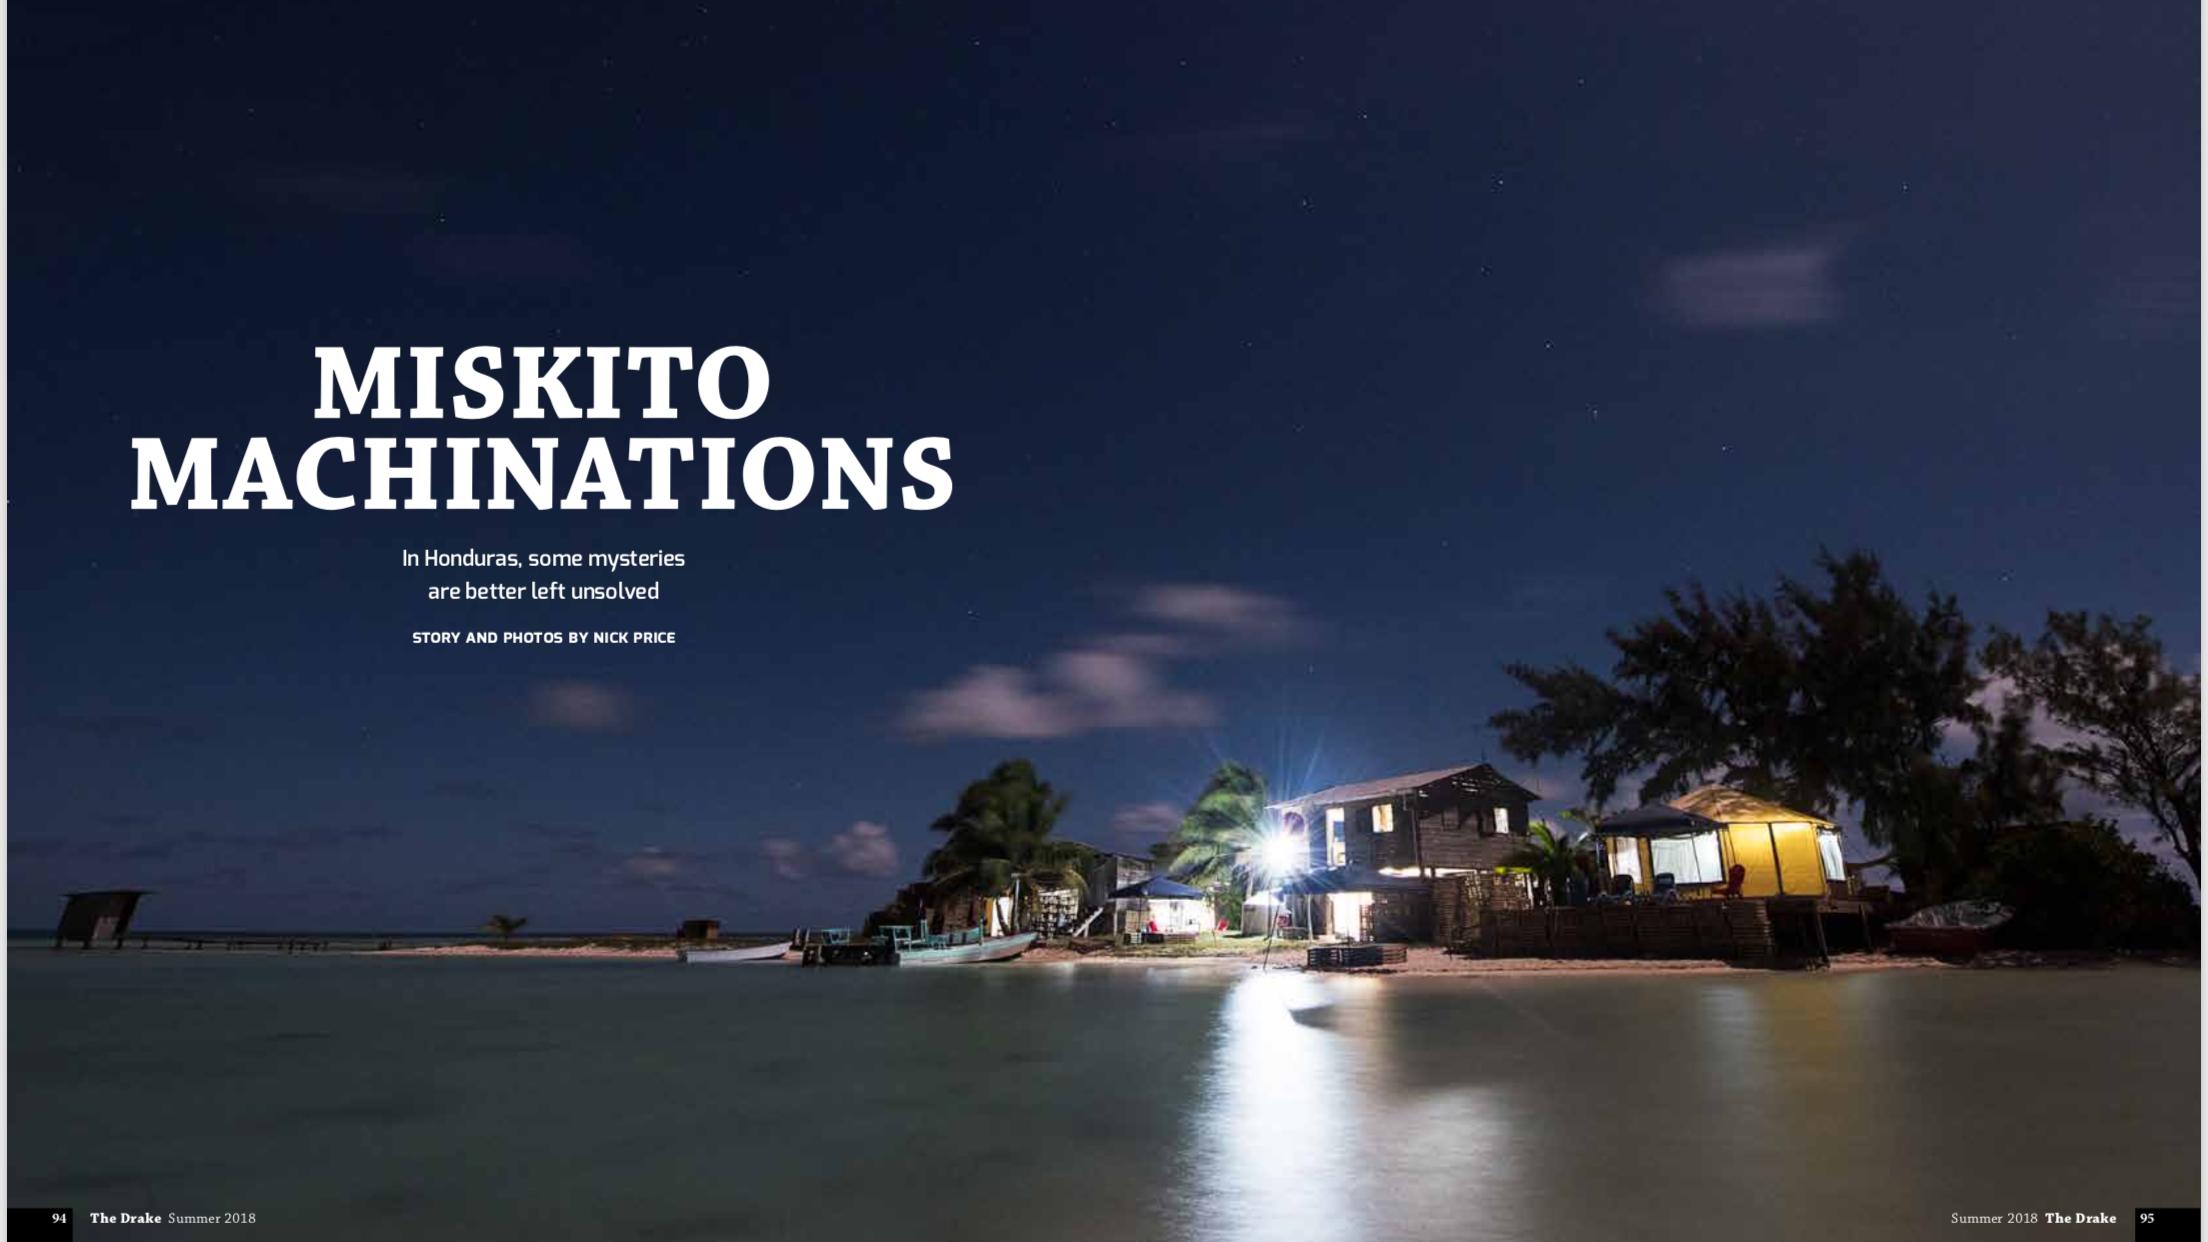 the drake magazine miskito machinations.jpg